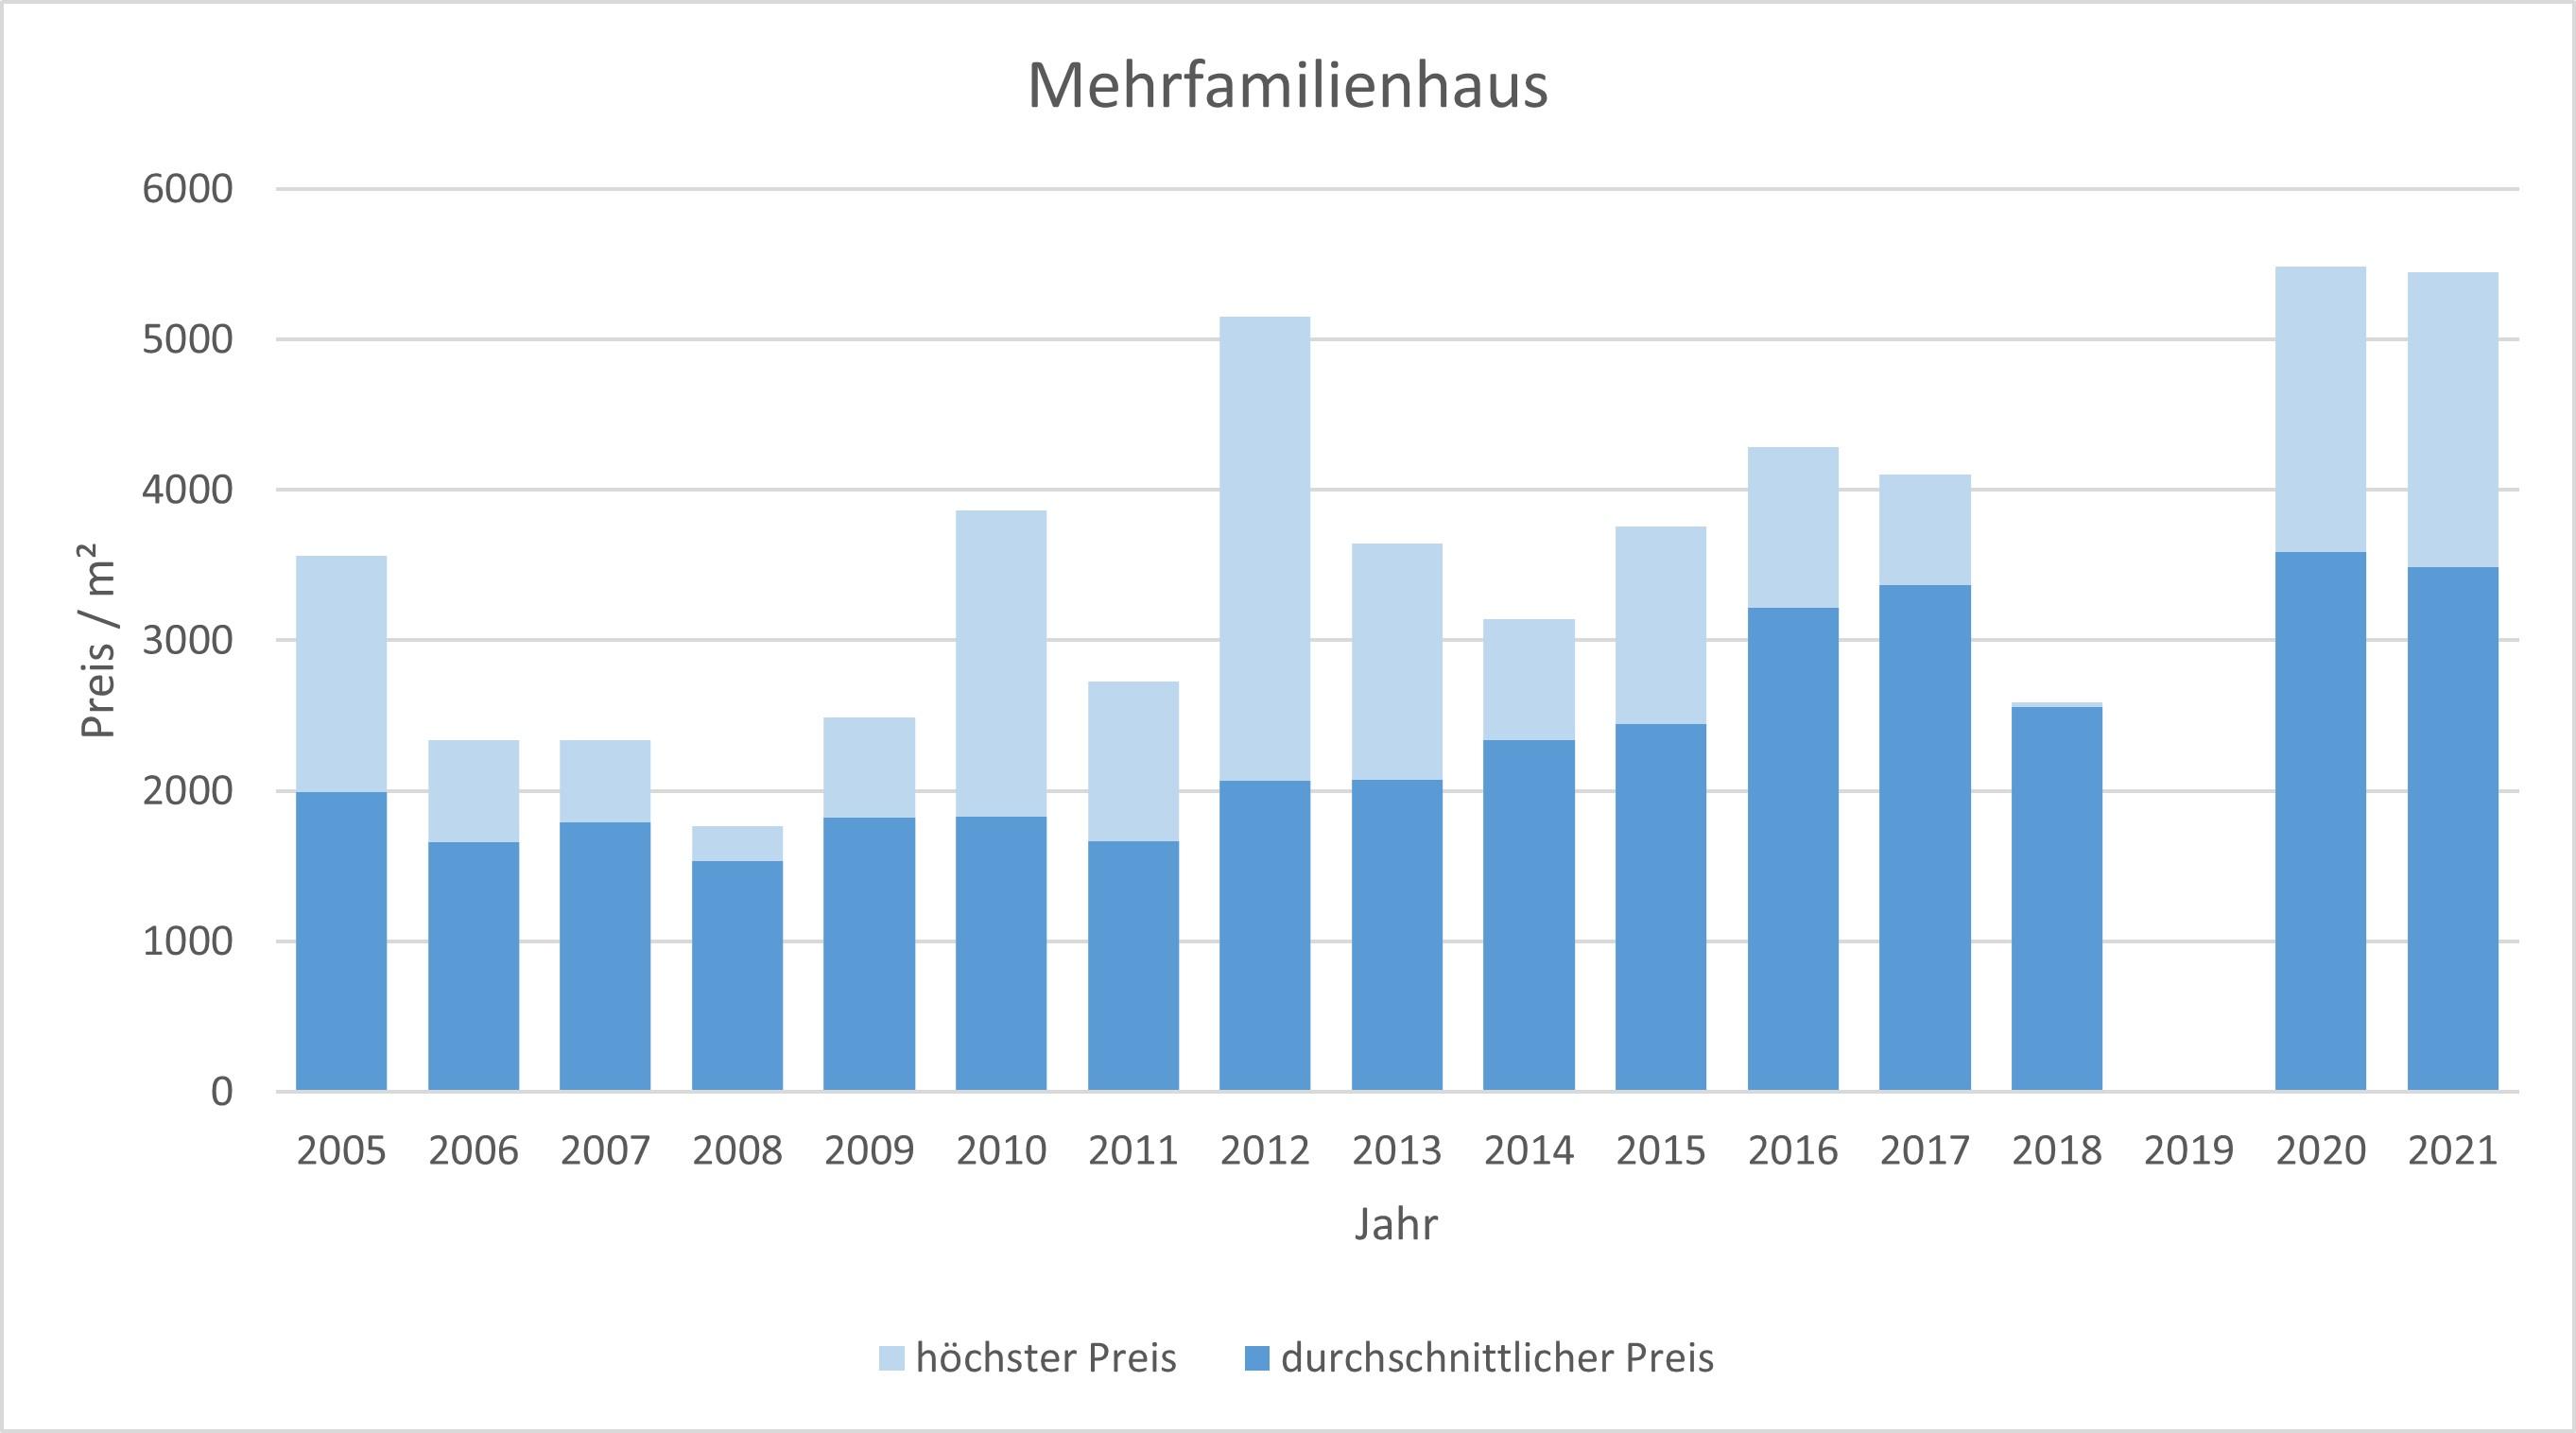 Bruckmühl Mehrfamilienhaus kaufen verkaufen preis bewertung 2019 2020 2021 makler www.happy-immo.de